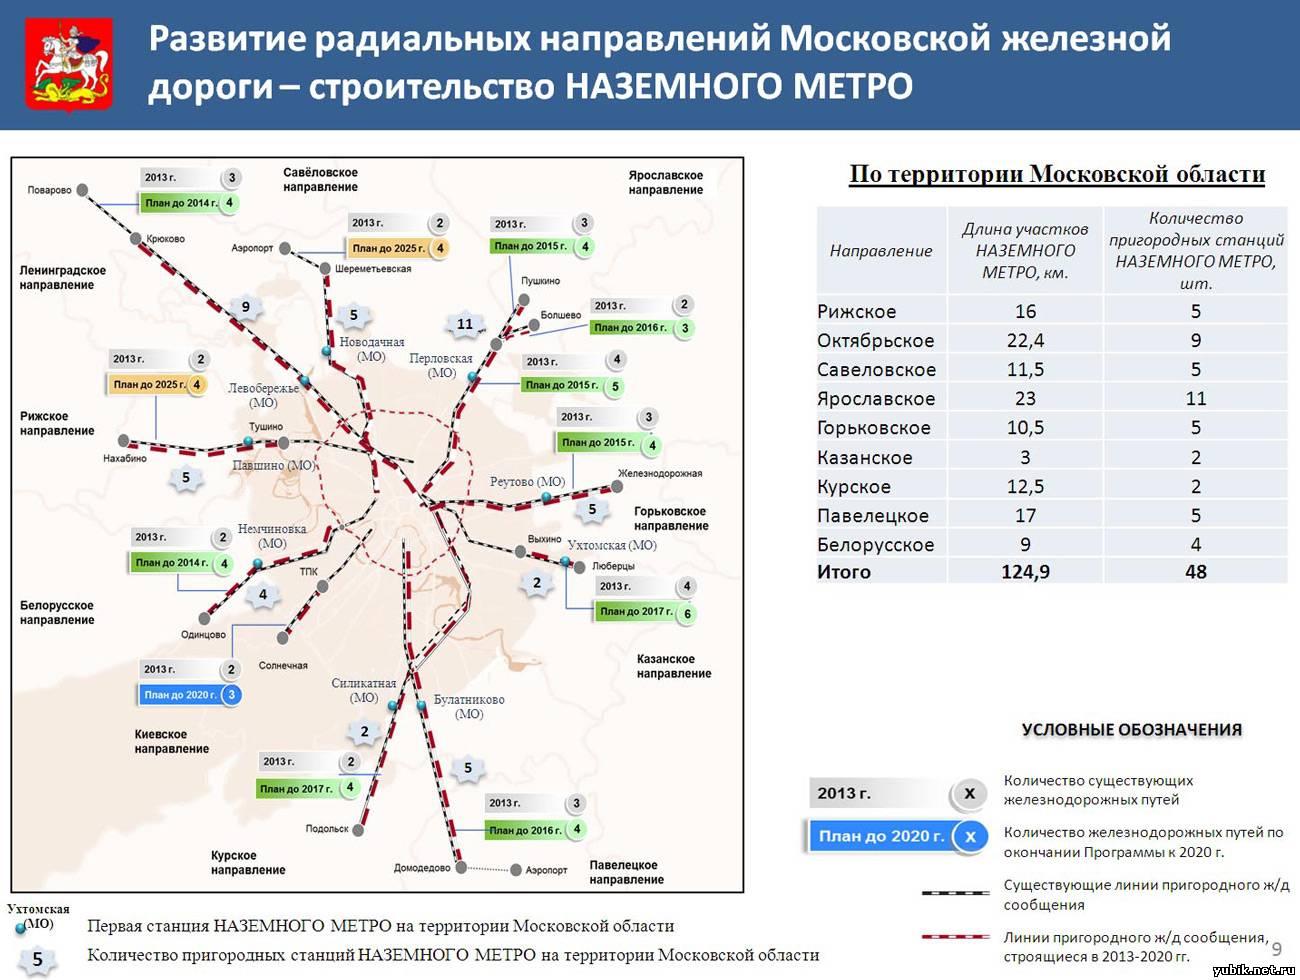 Развитие железнодорожной инфраструктуры (создание ЛЕГКОГО НАЗЕМНОГО МЕТРО